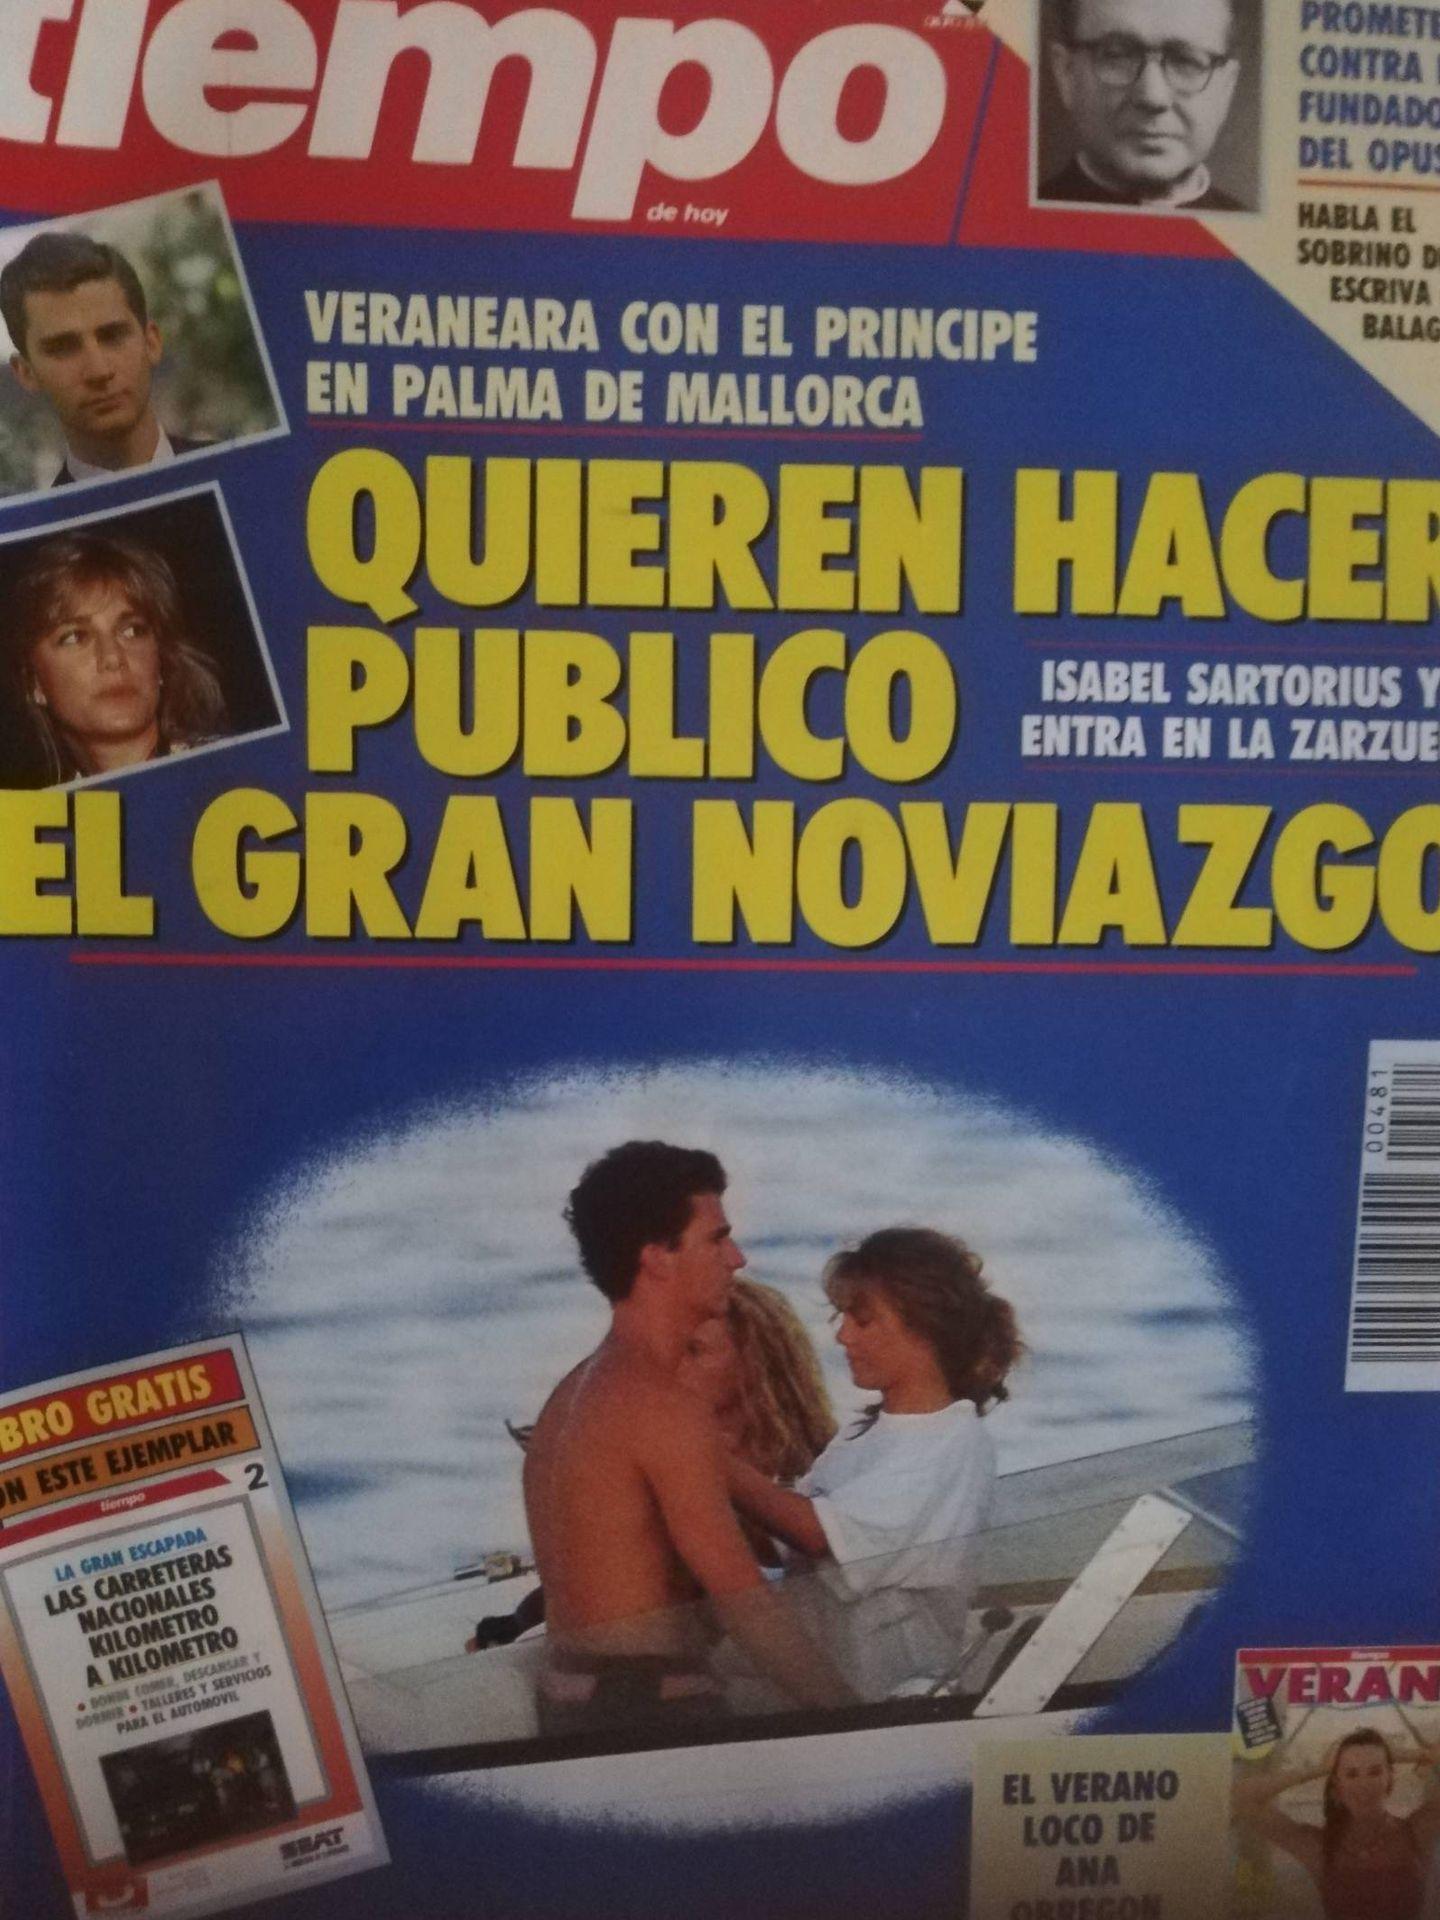 Portada de la revista 'Tiempo' con la imagen del príncipe Felipe junto a isabel Sartorius.